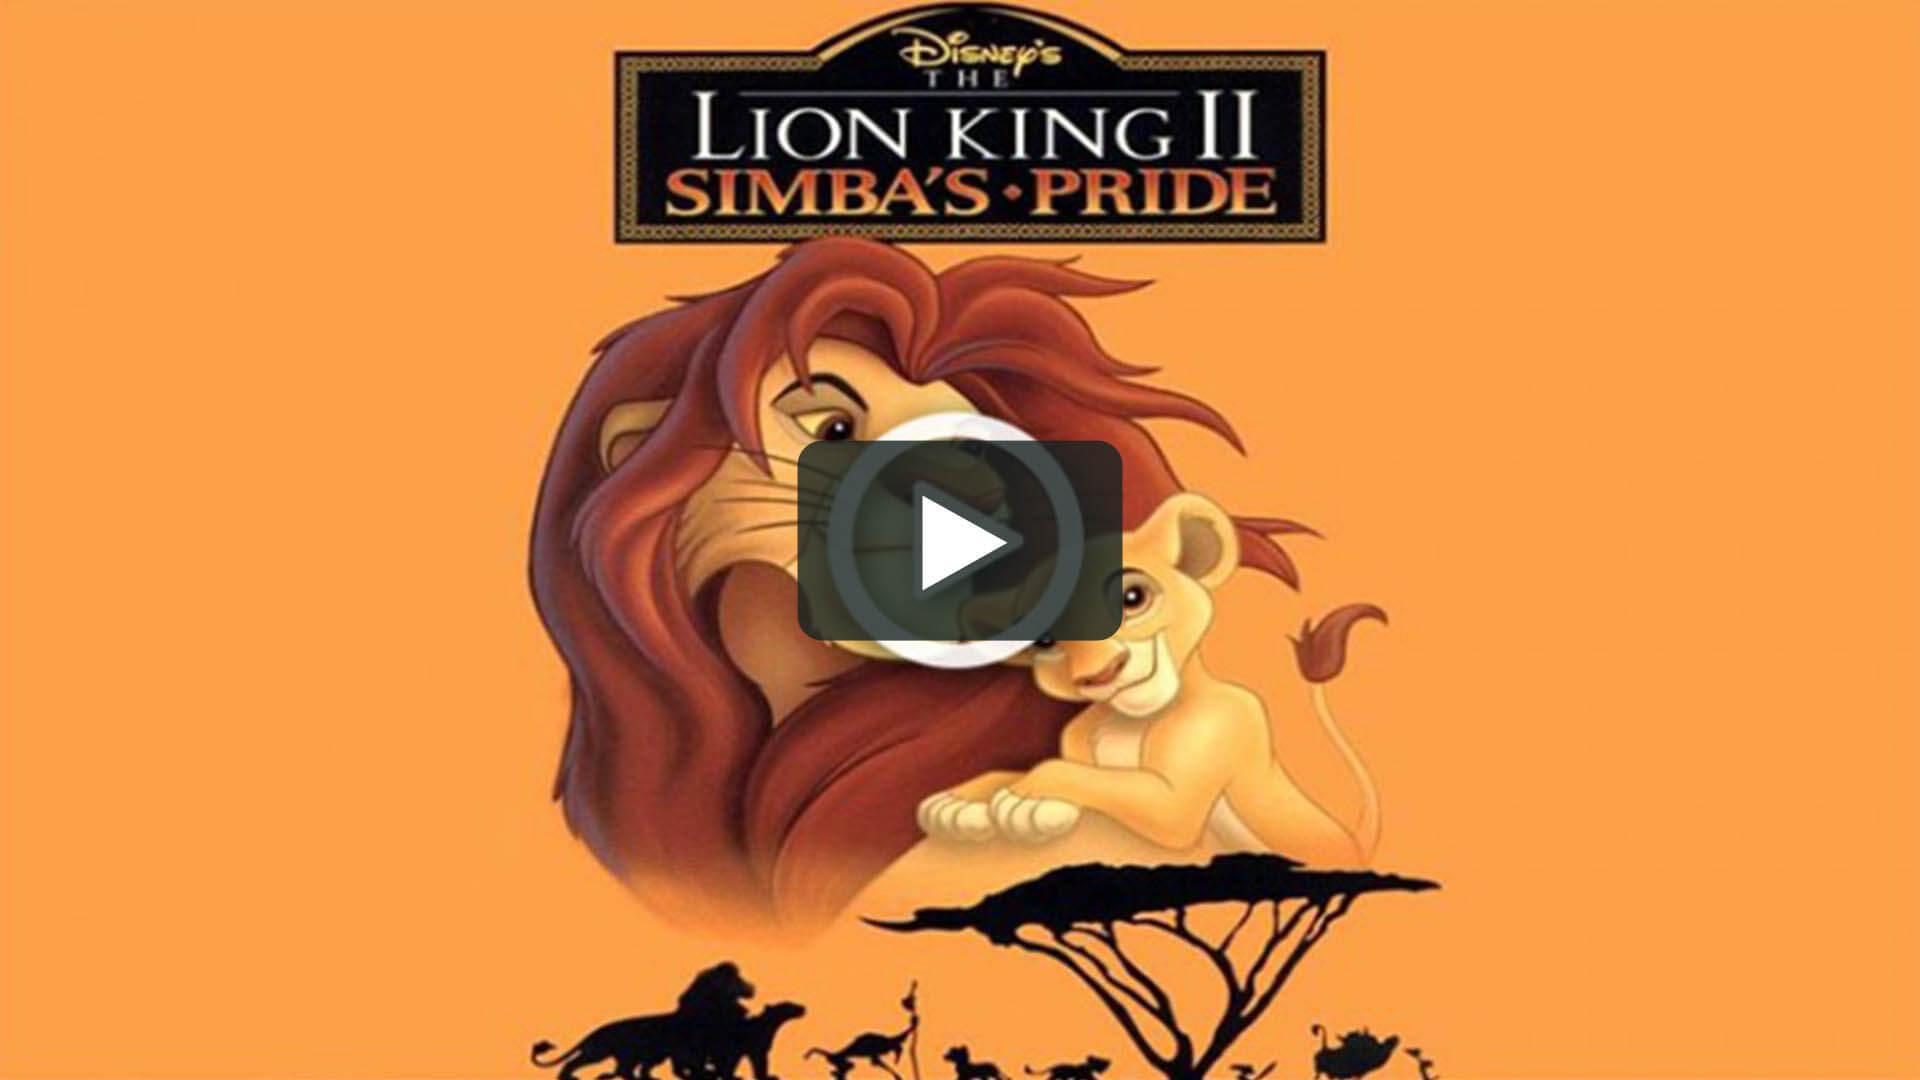 獅子王2:辛巴的榮耀 - The Lion King 2: Simba's Pride